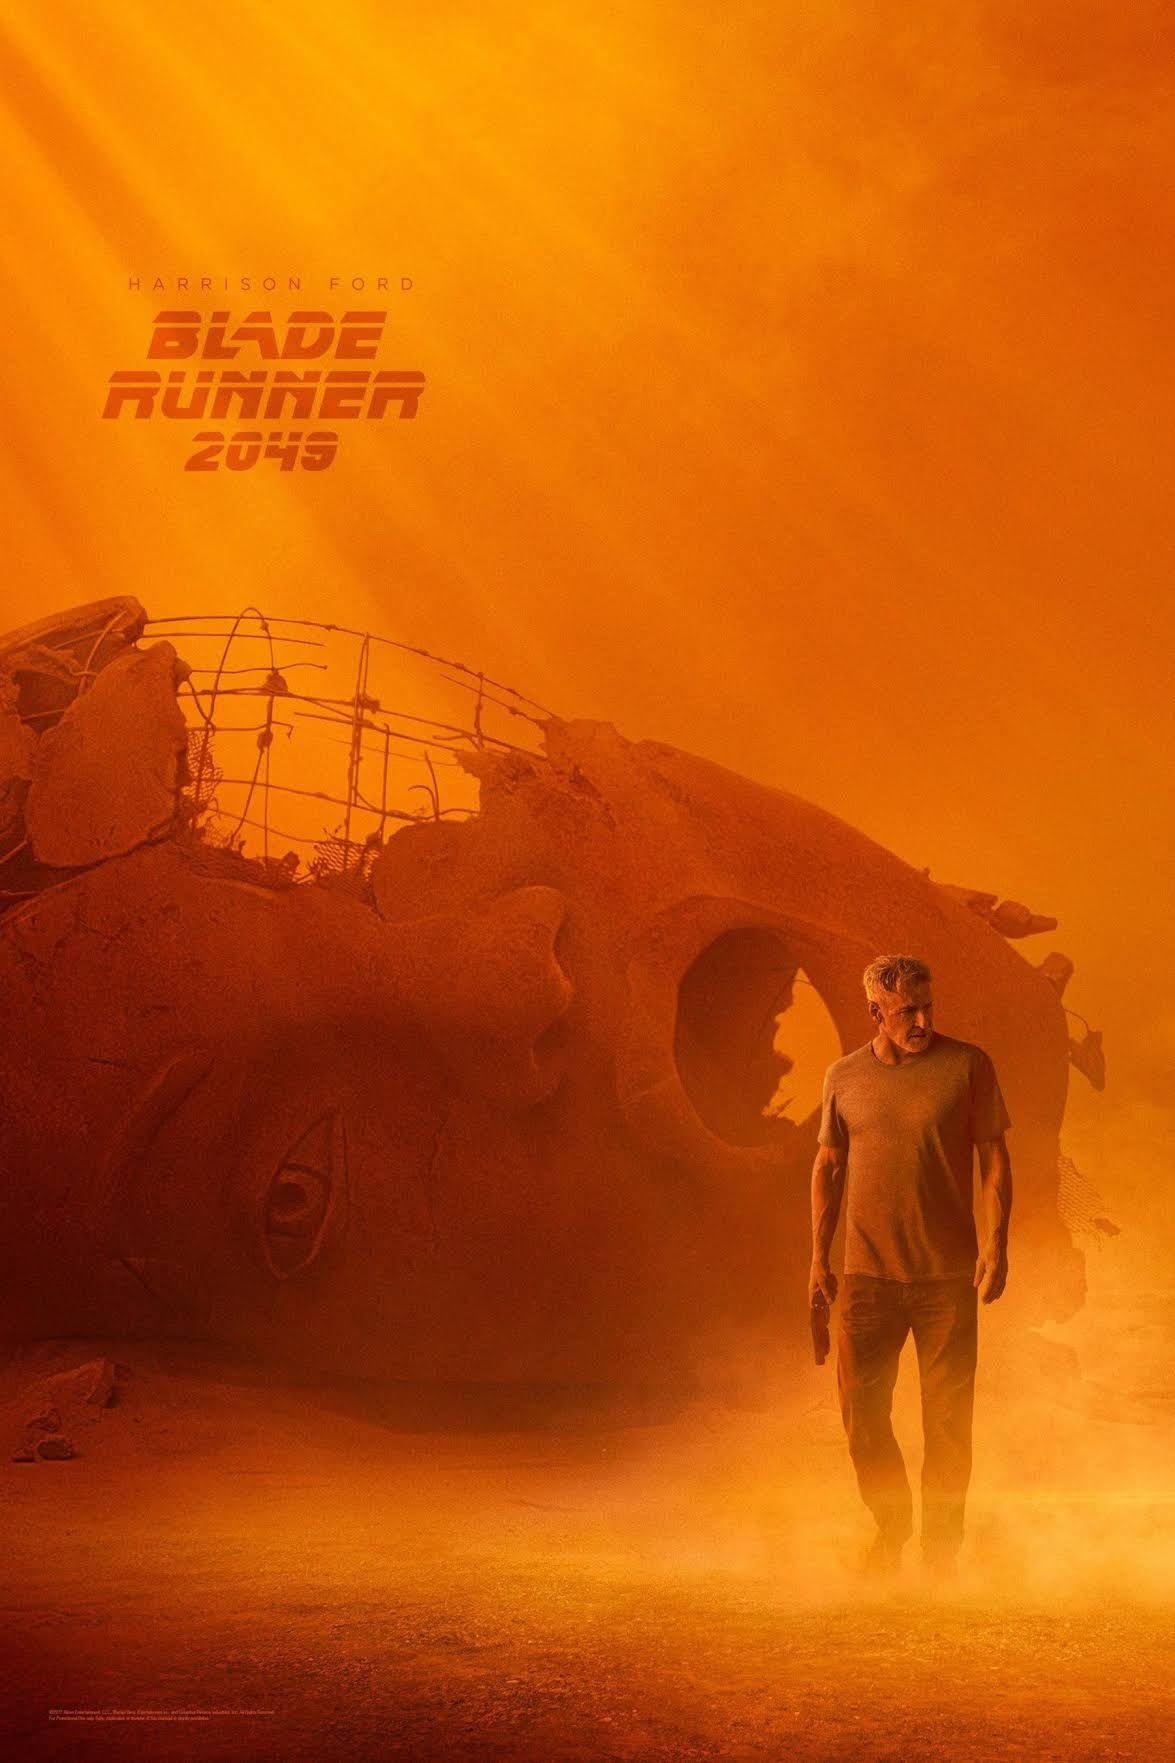 Blade Runner 2049 poster (Harrison Ford)